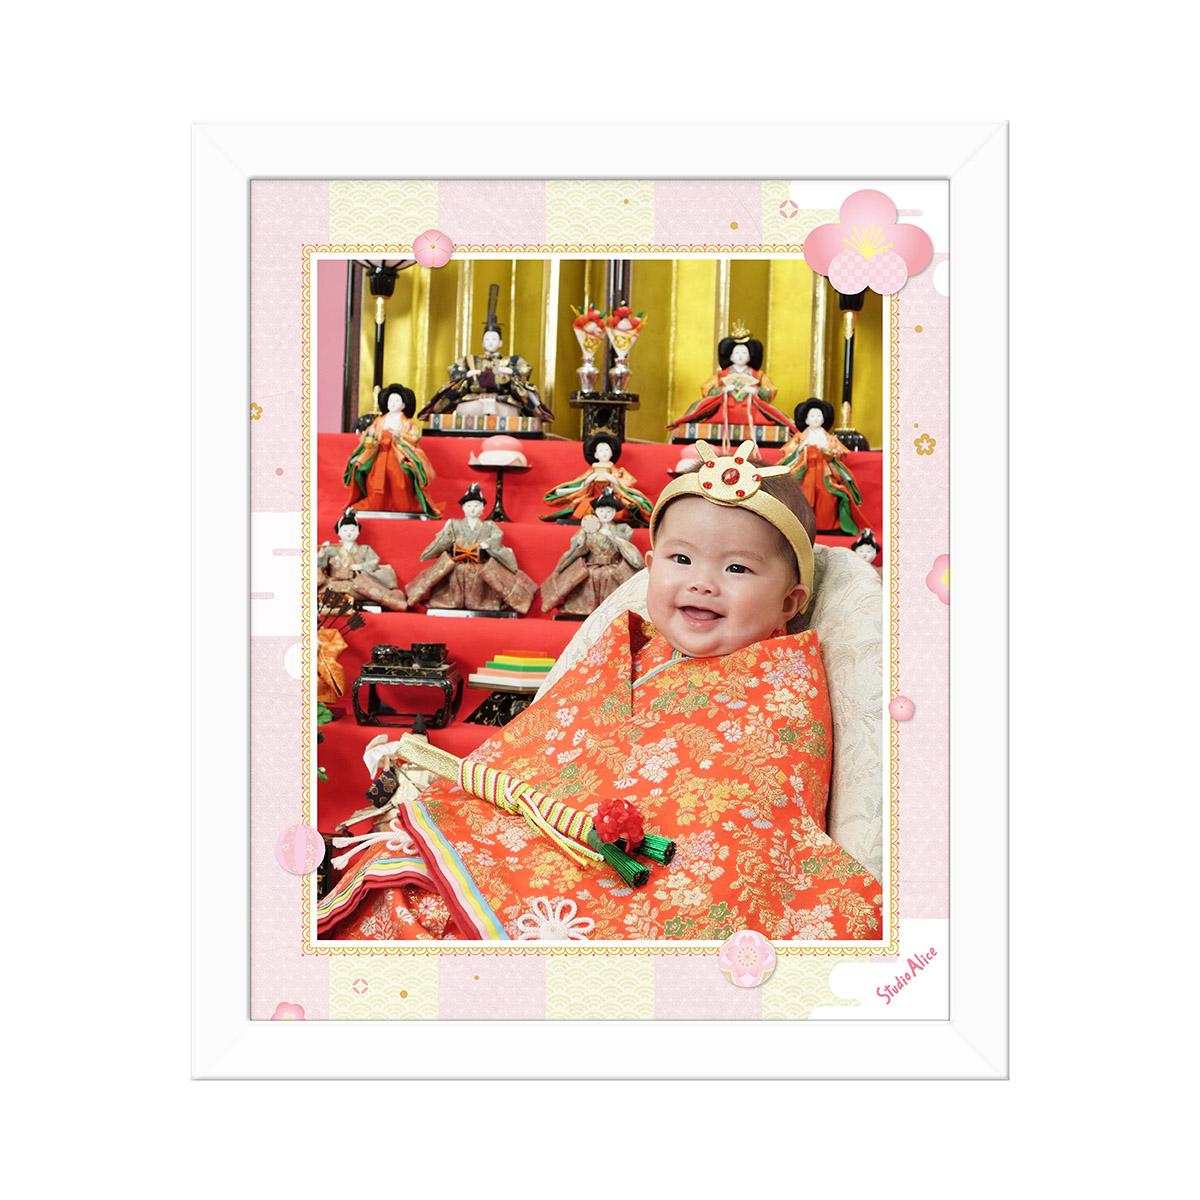 桃の節句キャンペーンの画像